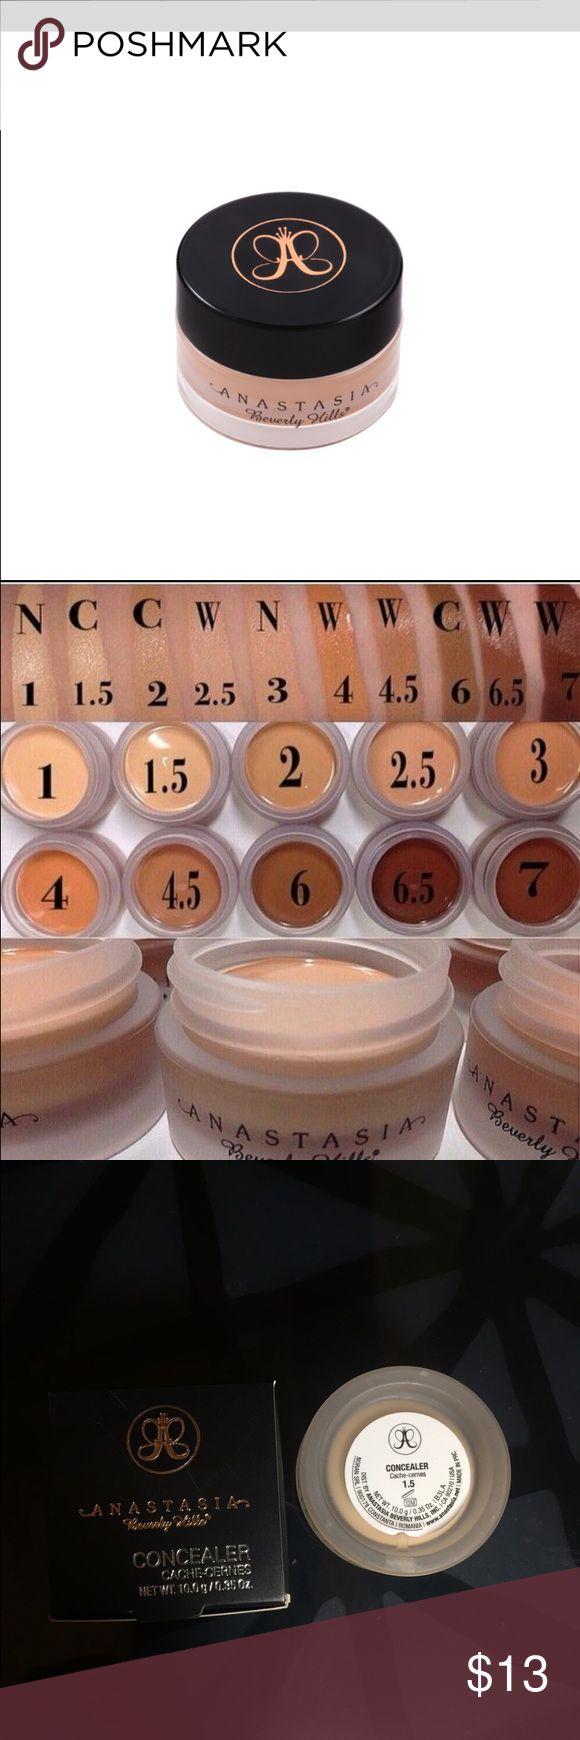 Anastasia Beverly Hills concealer 1.5 Anastasia Beverly Hills cream concealer 1.5 New in box. Photo of swatches for color reference. Anastasia Beverly Hills Makeup Concealer